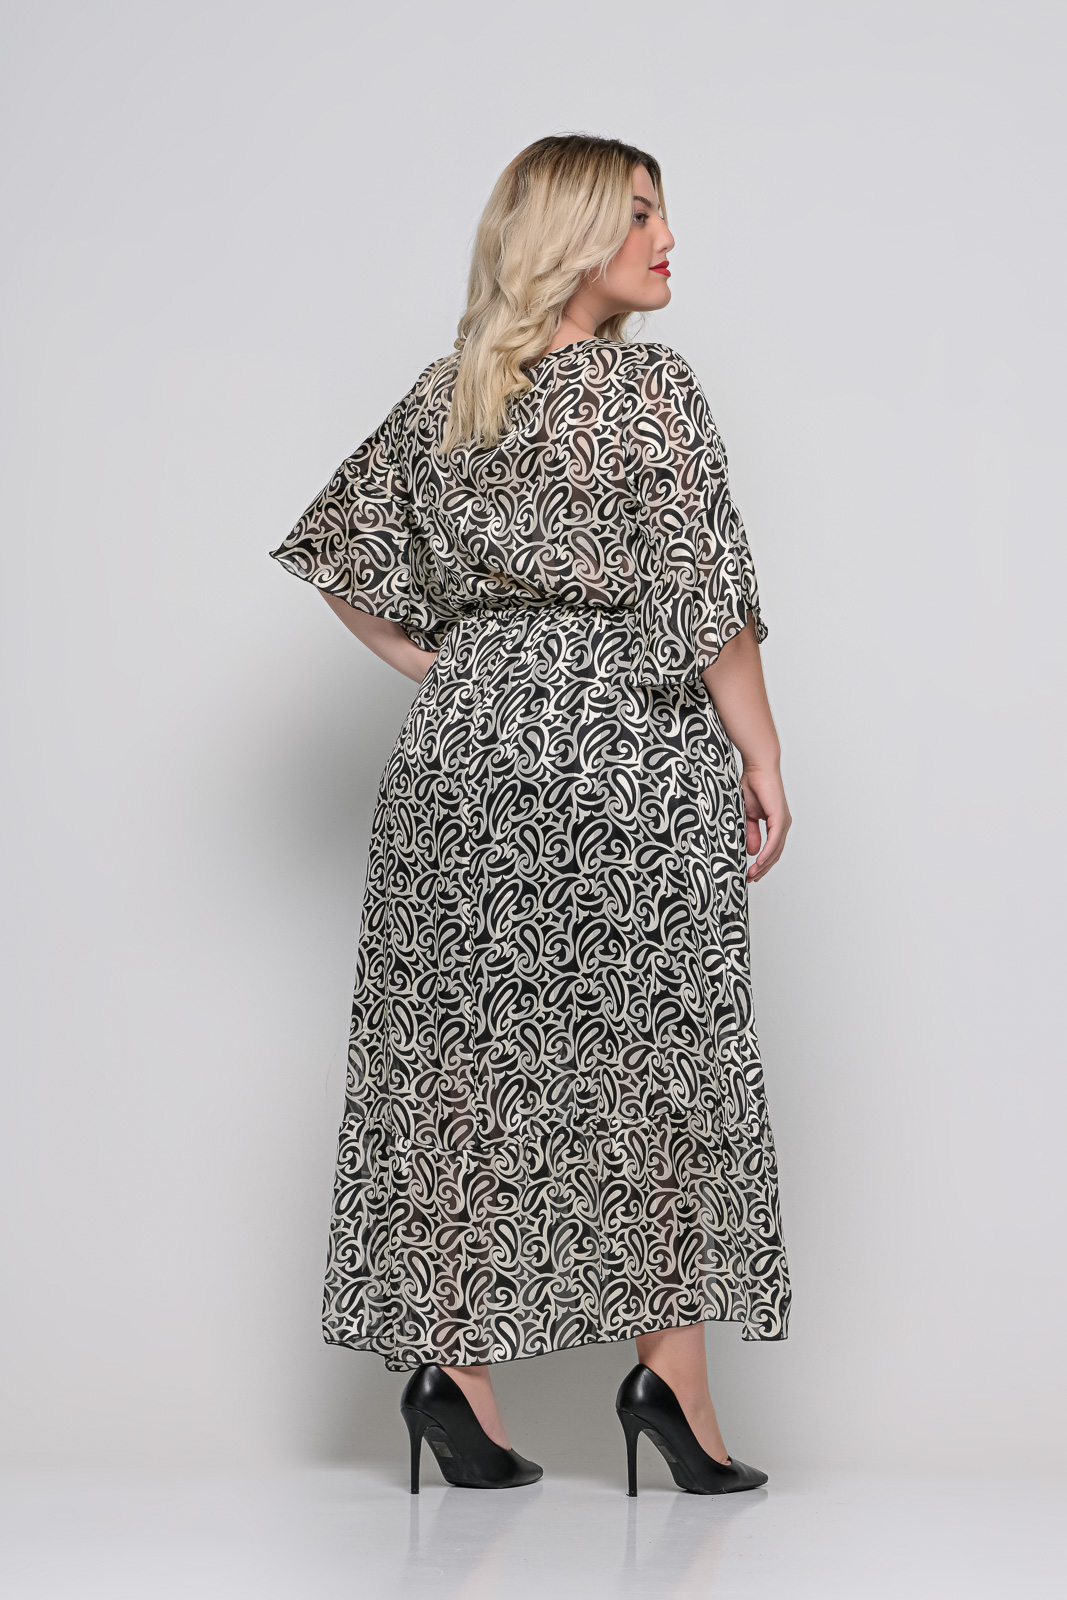 Φόρεμα μεγάλα μεγέθη κρουαζέ εμπριμέ με φραμπαλά μανίκι και ζωνάκι.Στο eshop μας θα βρείτε οικονομικά γυναίκεια ρούχα σε μεγάλα μεγέθη και υπερμεγέθη.